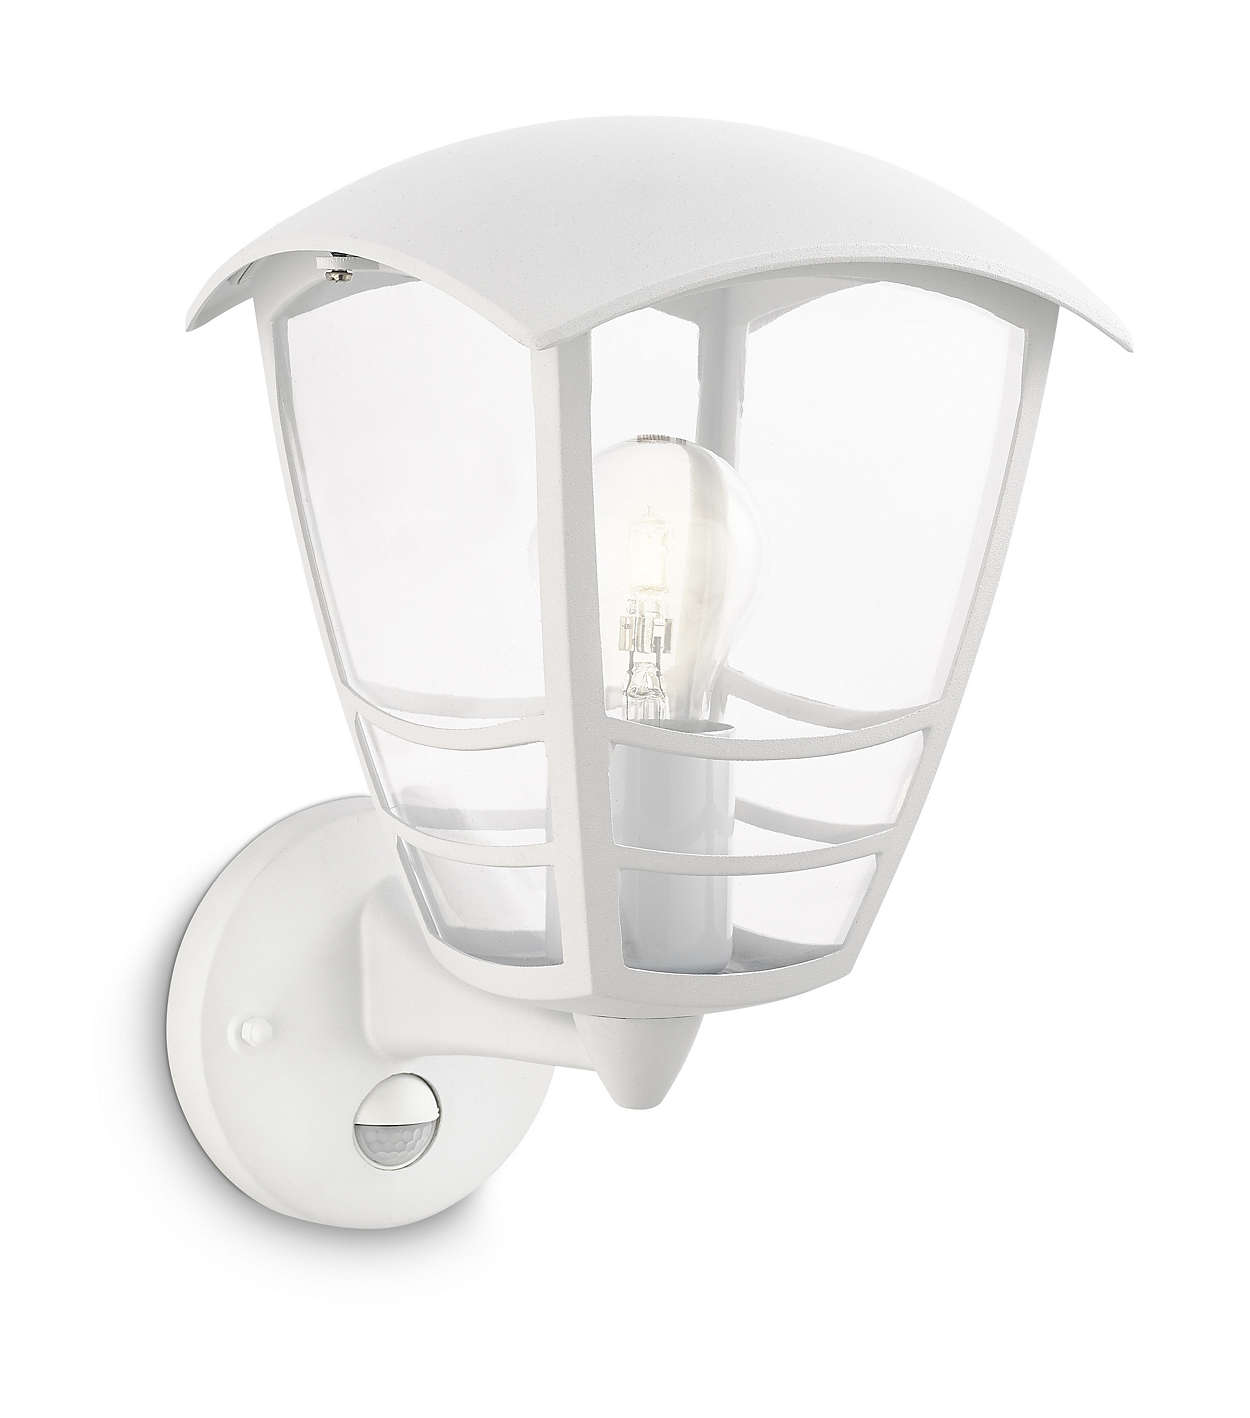 Un éclairage fiable pour rentrer chez vous